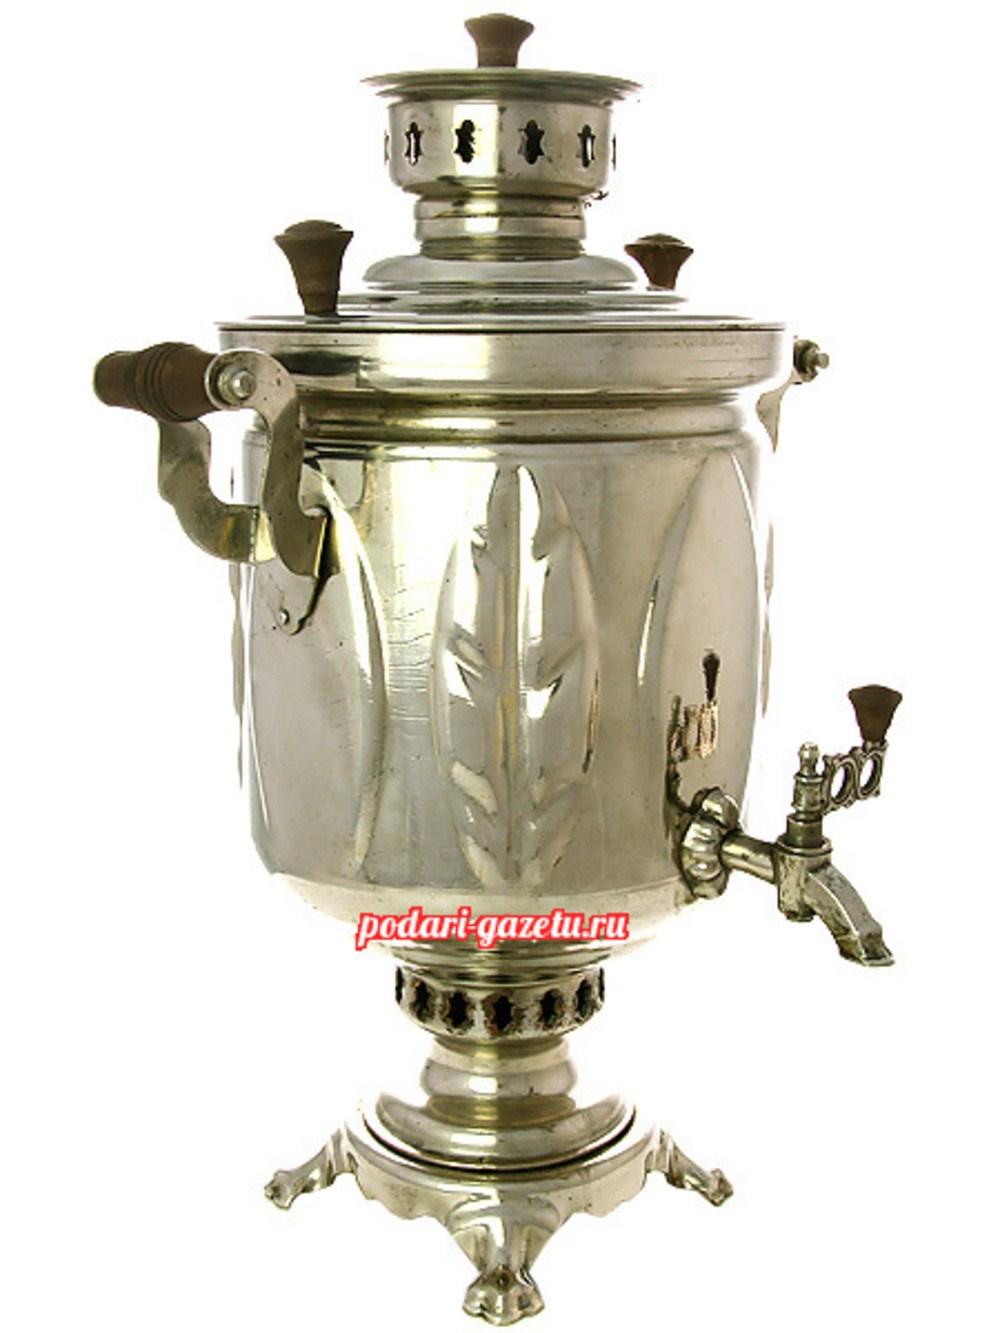 Угольный самовар (жаровой, дровяной) (5 литров) цилиндр никелированный Листья